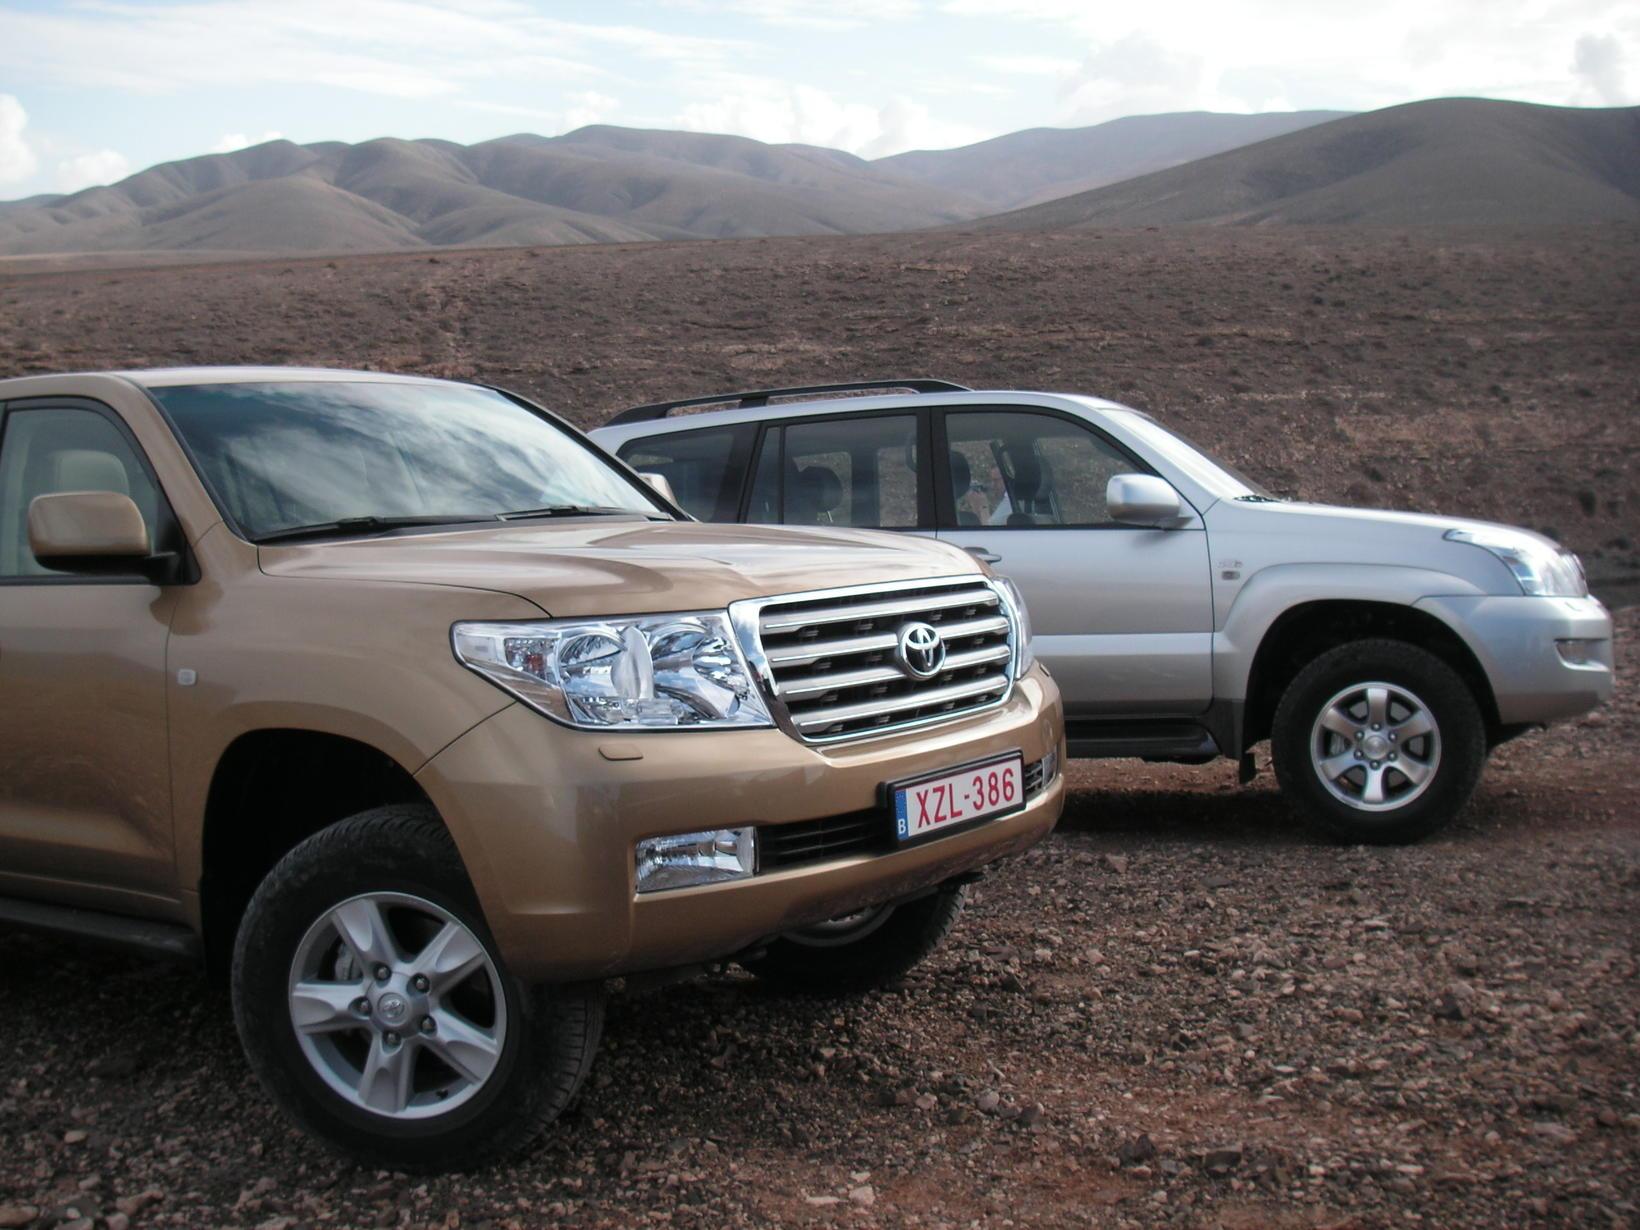 Toyota Land Cruiser var tekinn til kostanna við reynsluakstur blaðamanna …